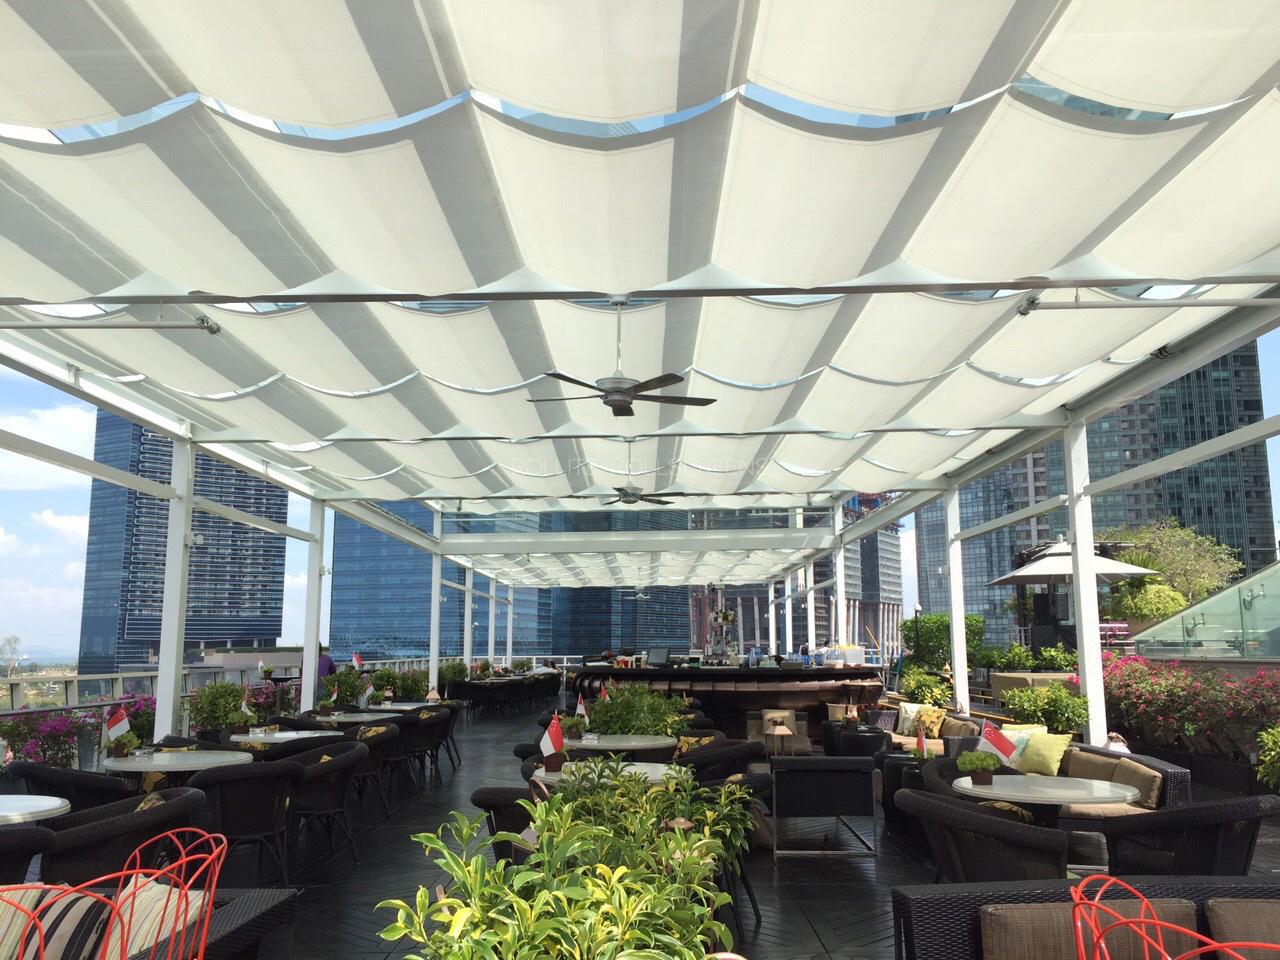 Sunscreen Singapore_Rollite External Scallop Skylight 5